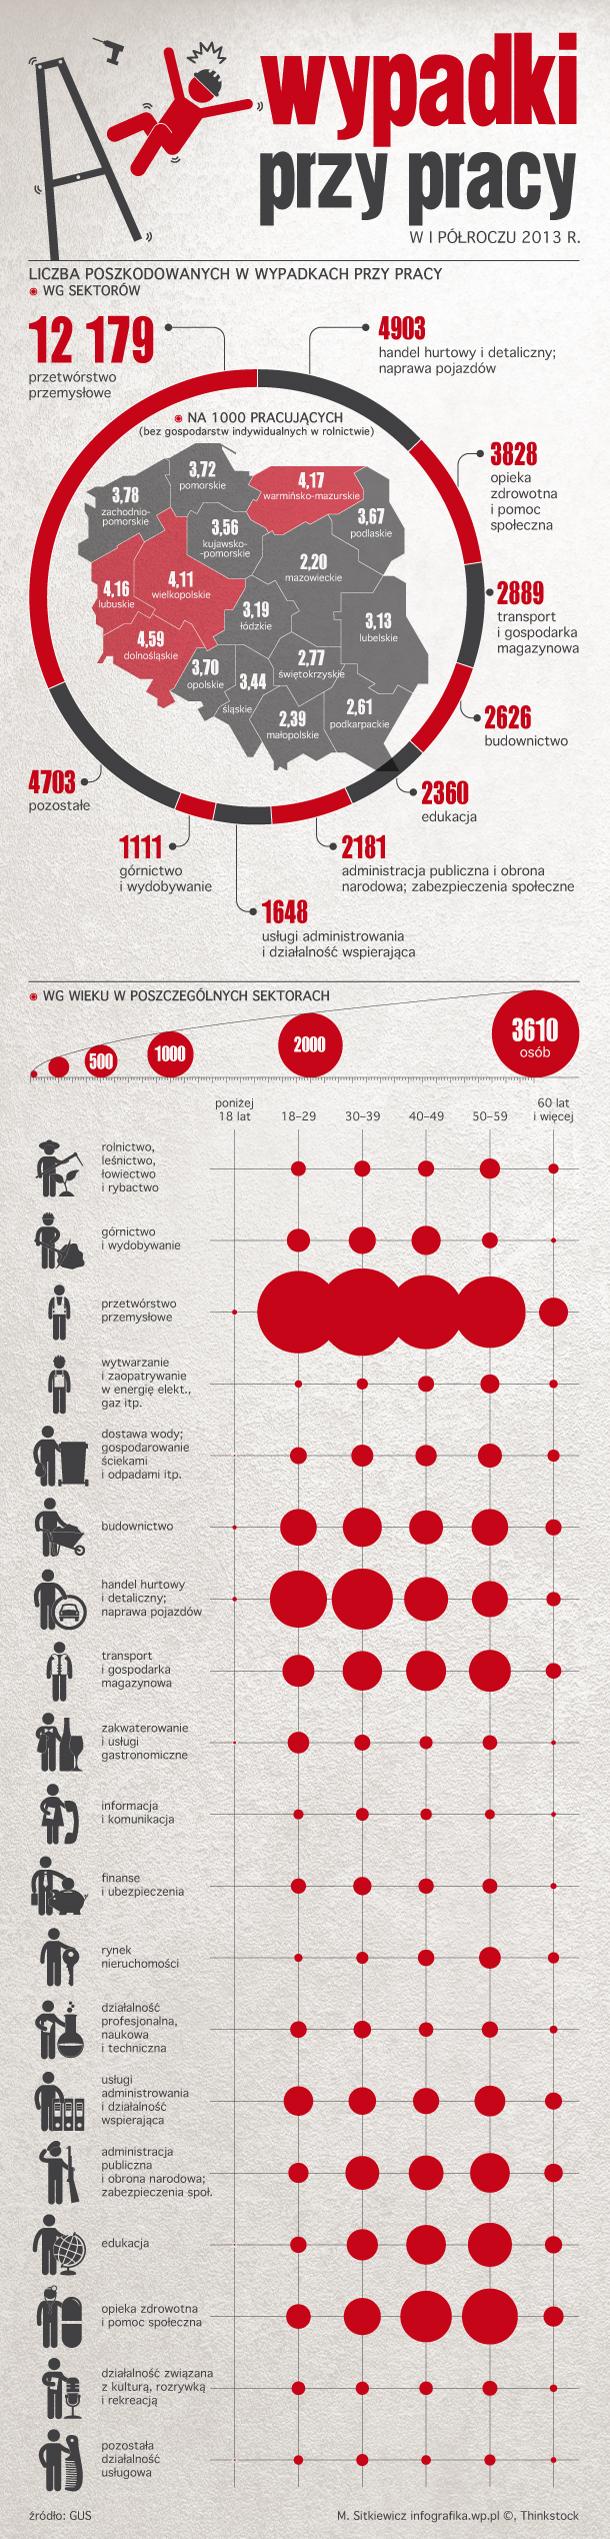 wypadki_praca_infografika_610